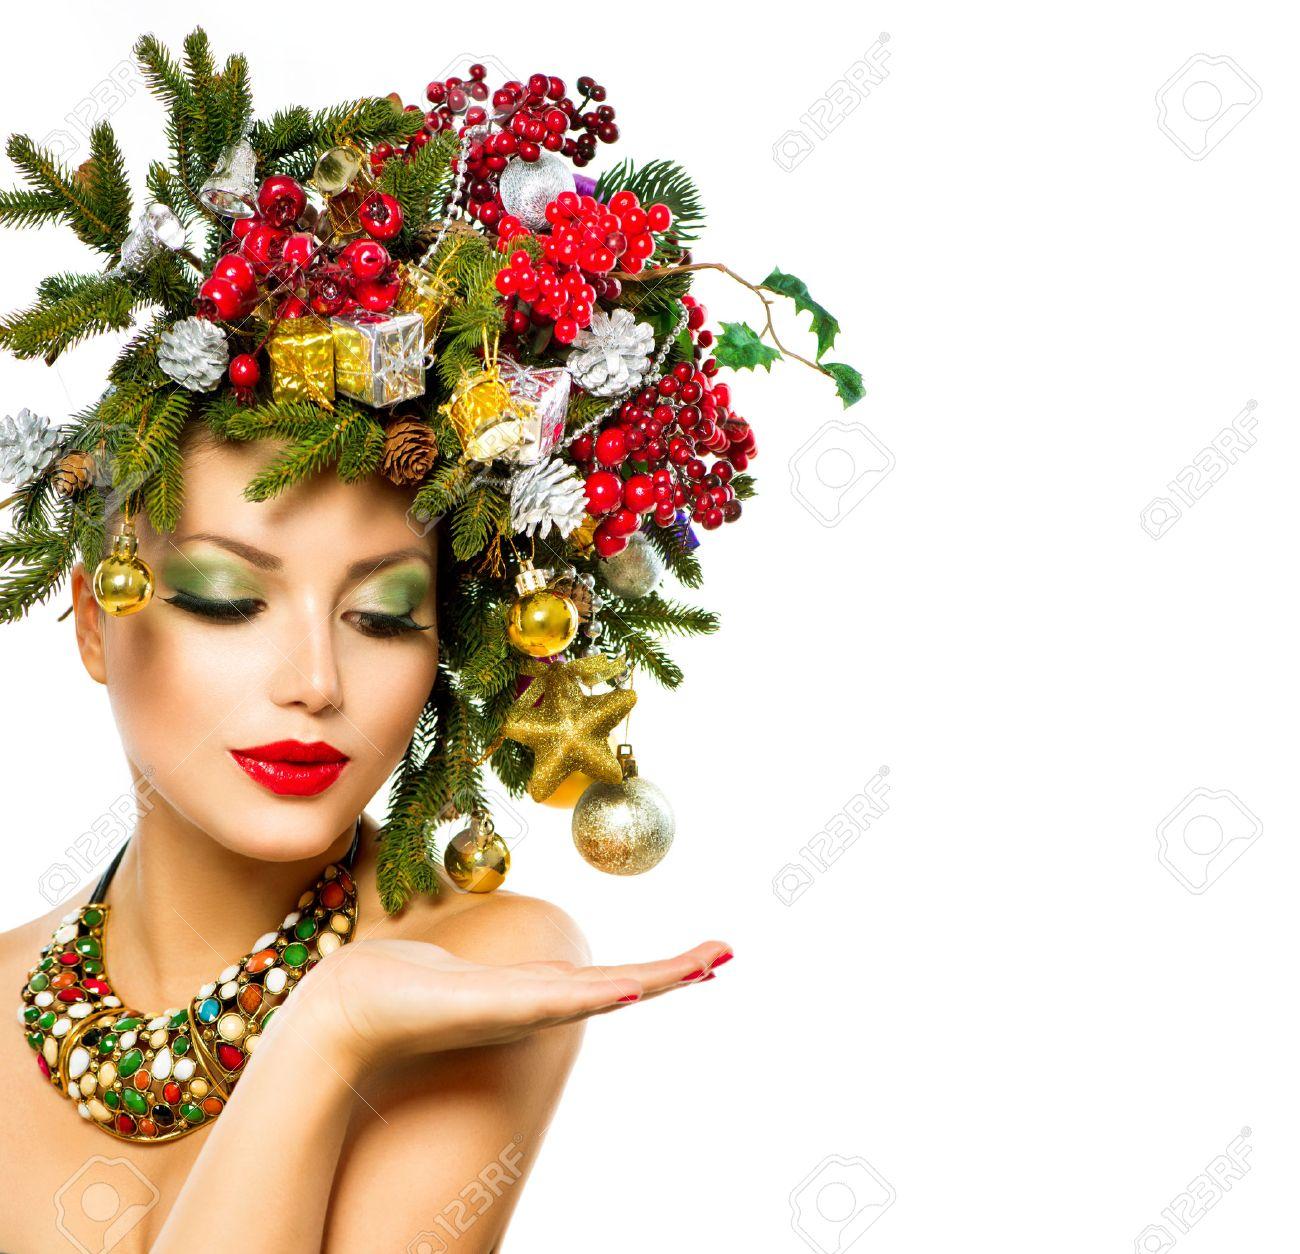 Weihnachten Frau Schone Ferien Weihnachtsbaum Frisur Lizenzfreie